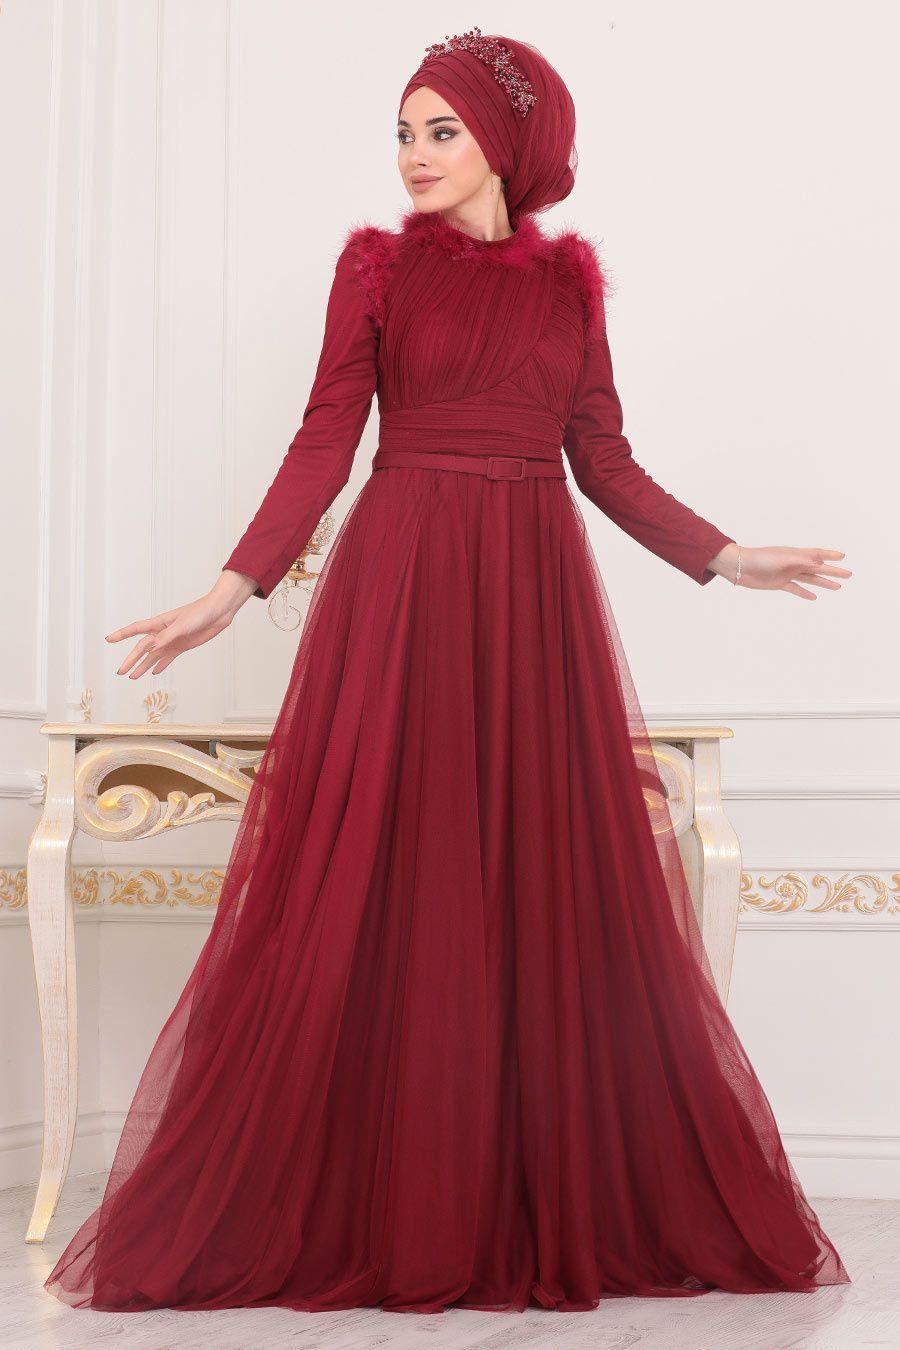 Tesetturlu Abiye Elbise Puskul Detayli Bordo Tesettur Abiye Elbise 39890br Tesetturisland Com 2020 Elbise The Dress Moda Stilleri